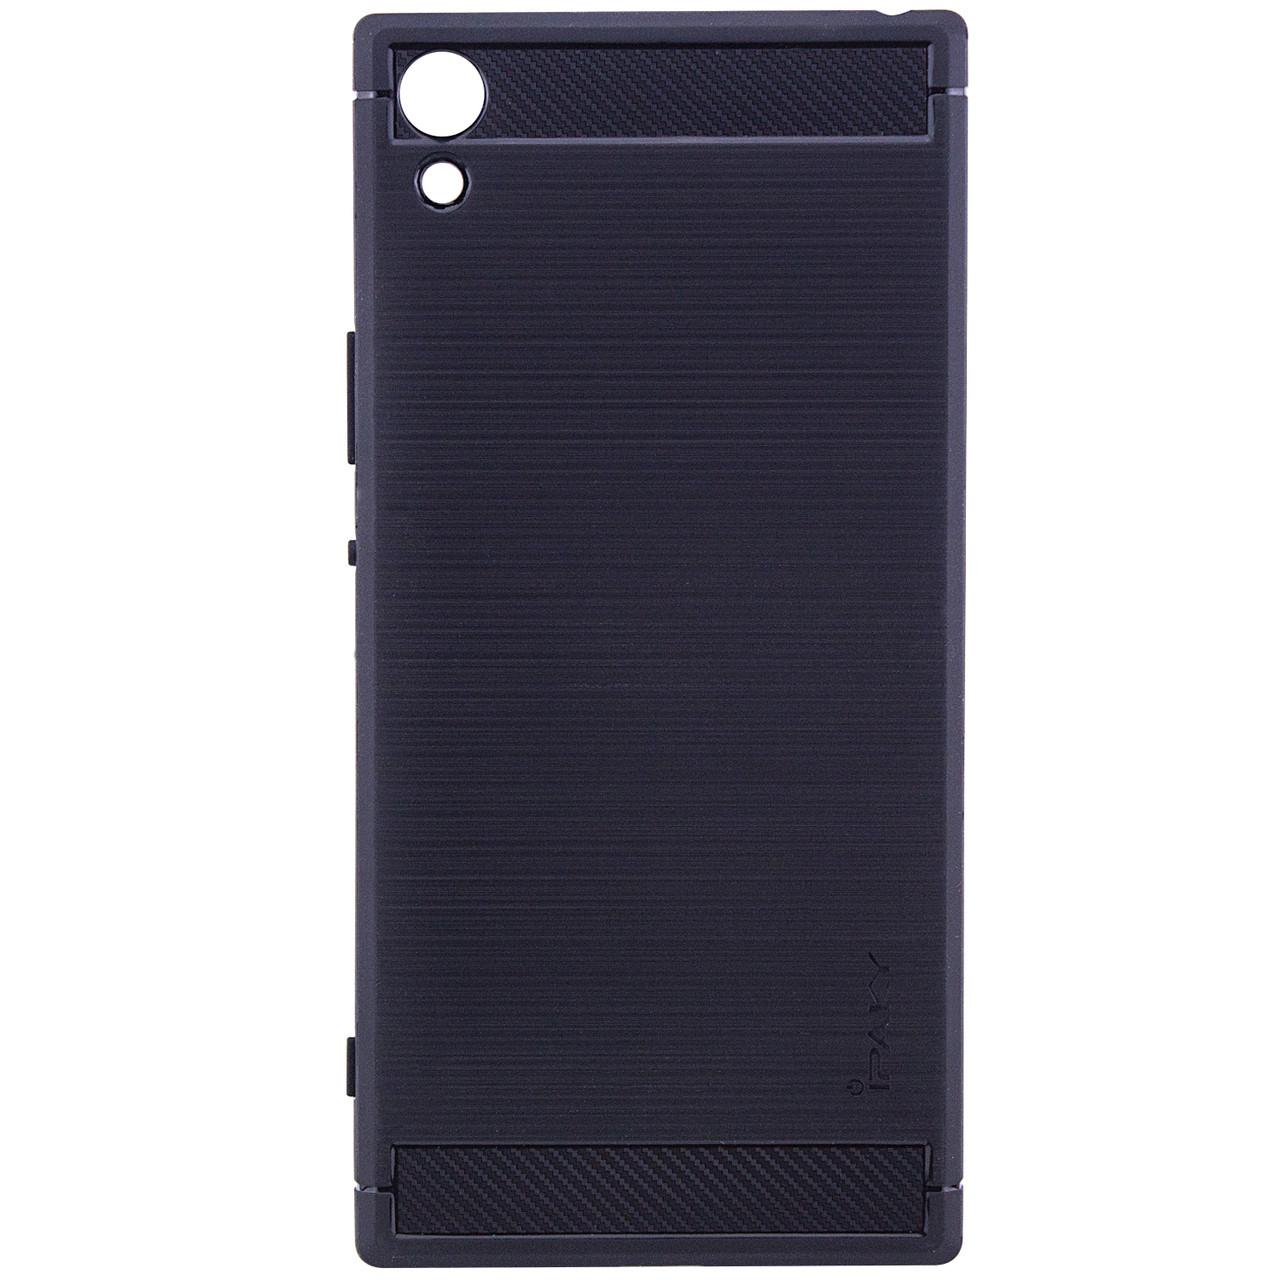 Чехол для Sony Xperia XA1 Ultra TPU, iPaky Slim Series